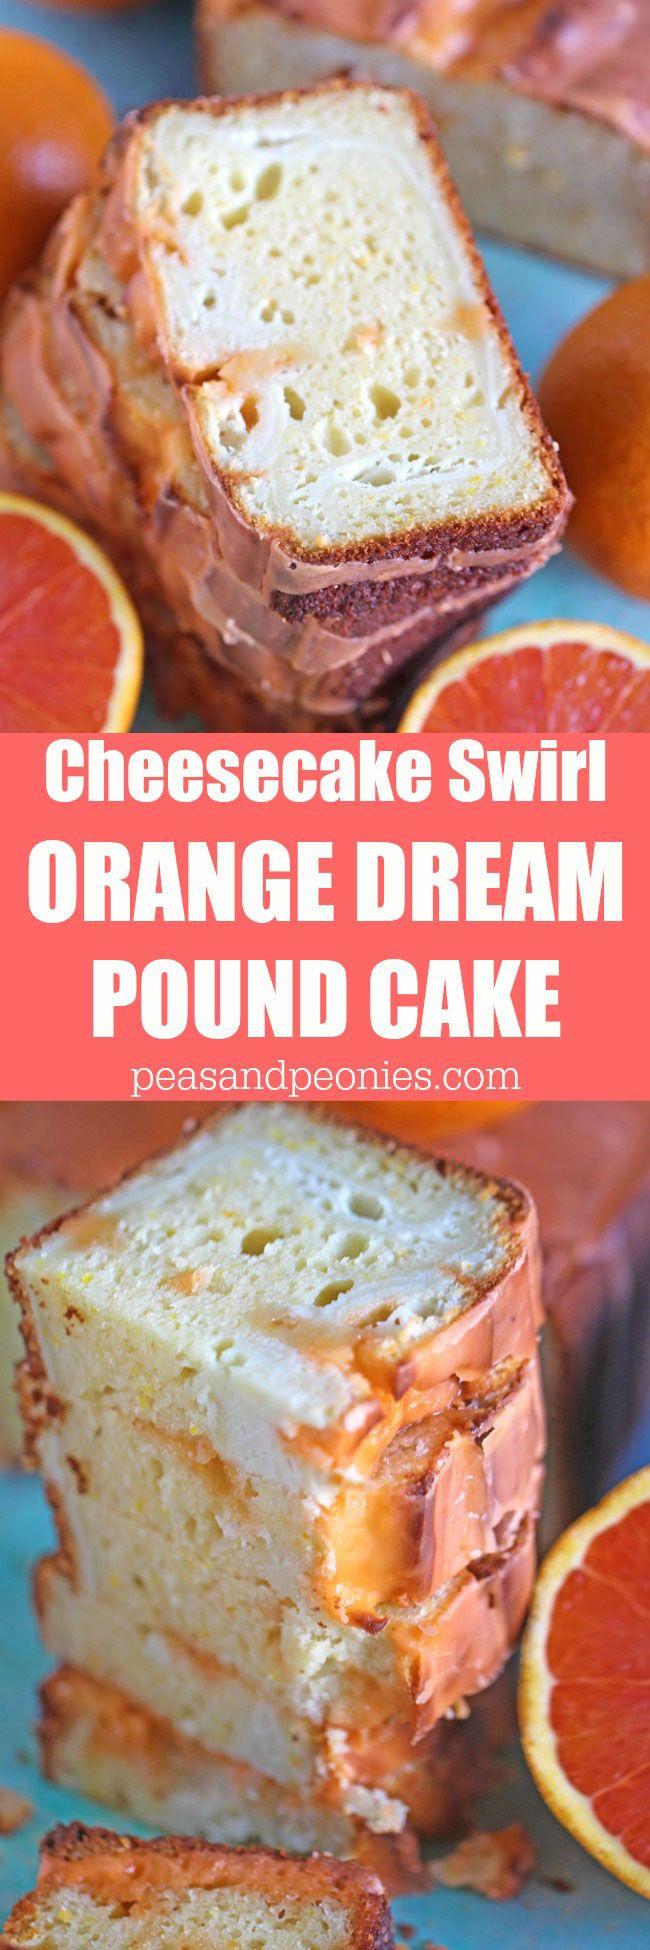 Verträumte Orange Pfund Kuchen mit Orange Glaze ist reich und würzig, mit einem schönen orangefarbenen Duft und einem cremigen Orangengeschmack Käsekuchen wirbeln.